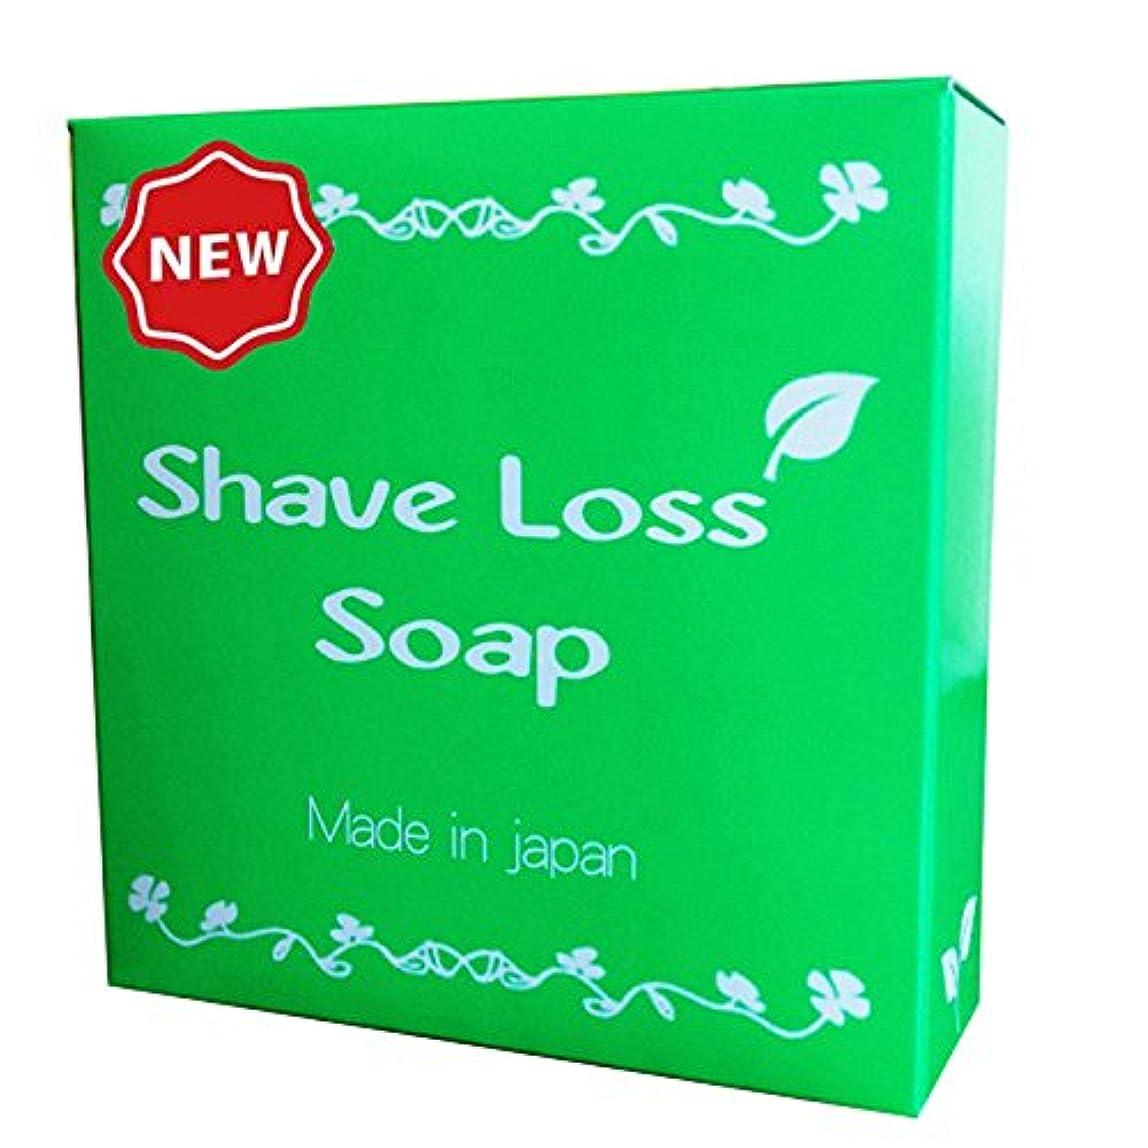 クロール半ば円形の【NEW】Shave Loss Soap 女性のツルツルを叶える 奇跡の石鹸 80g 2018年最新版 「ダイズ種子エキス」 「ラレアディバリカタエキス」大幅増量タイプ